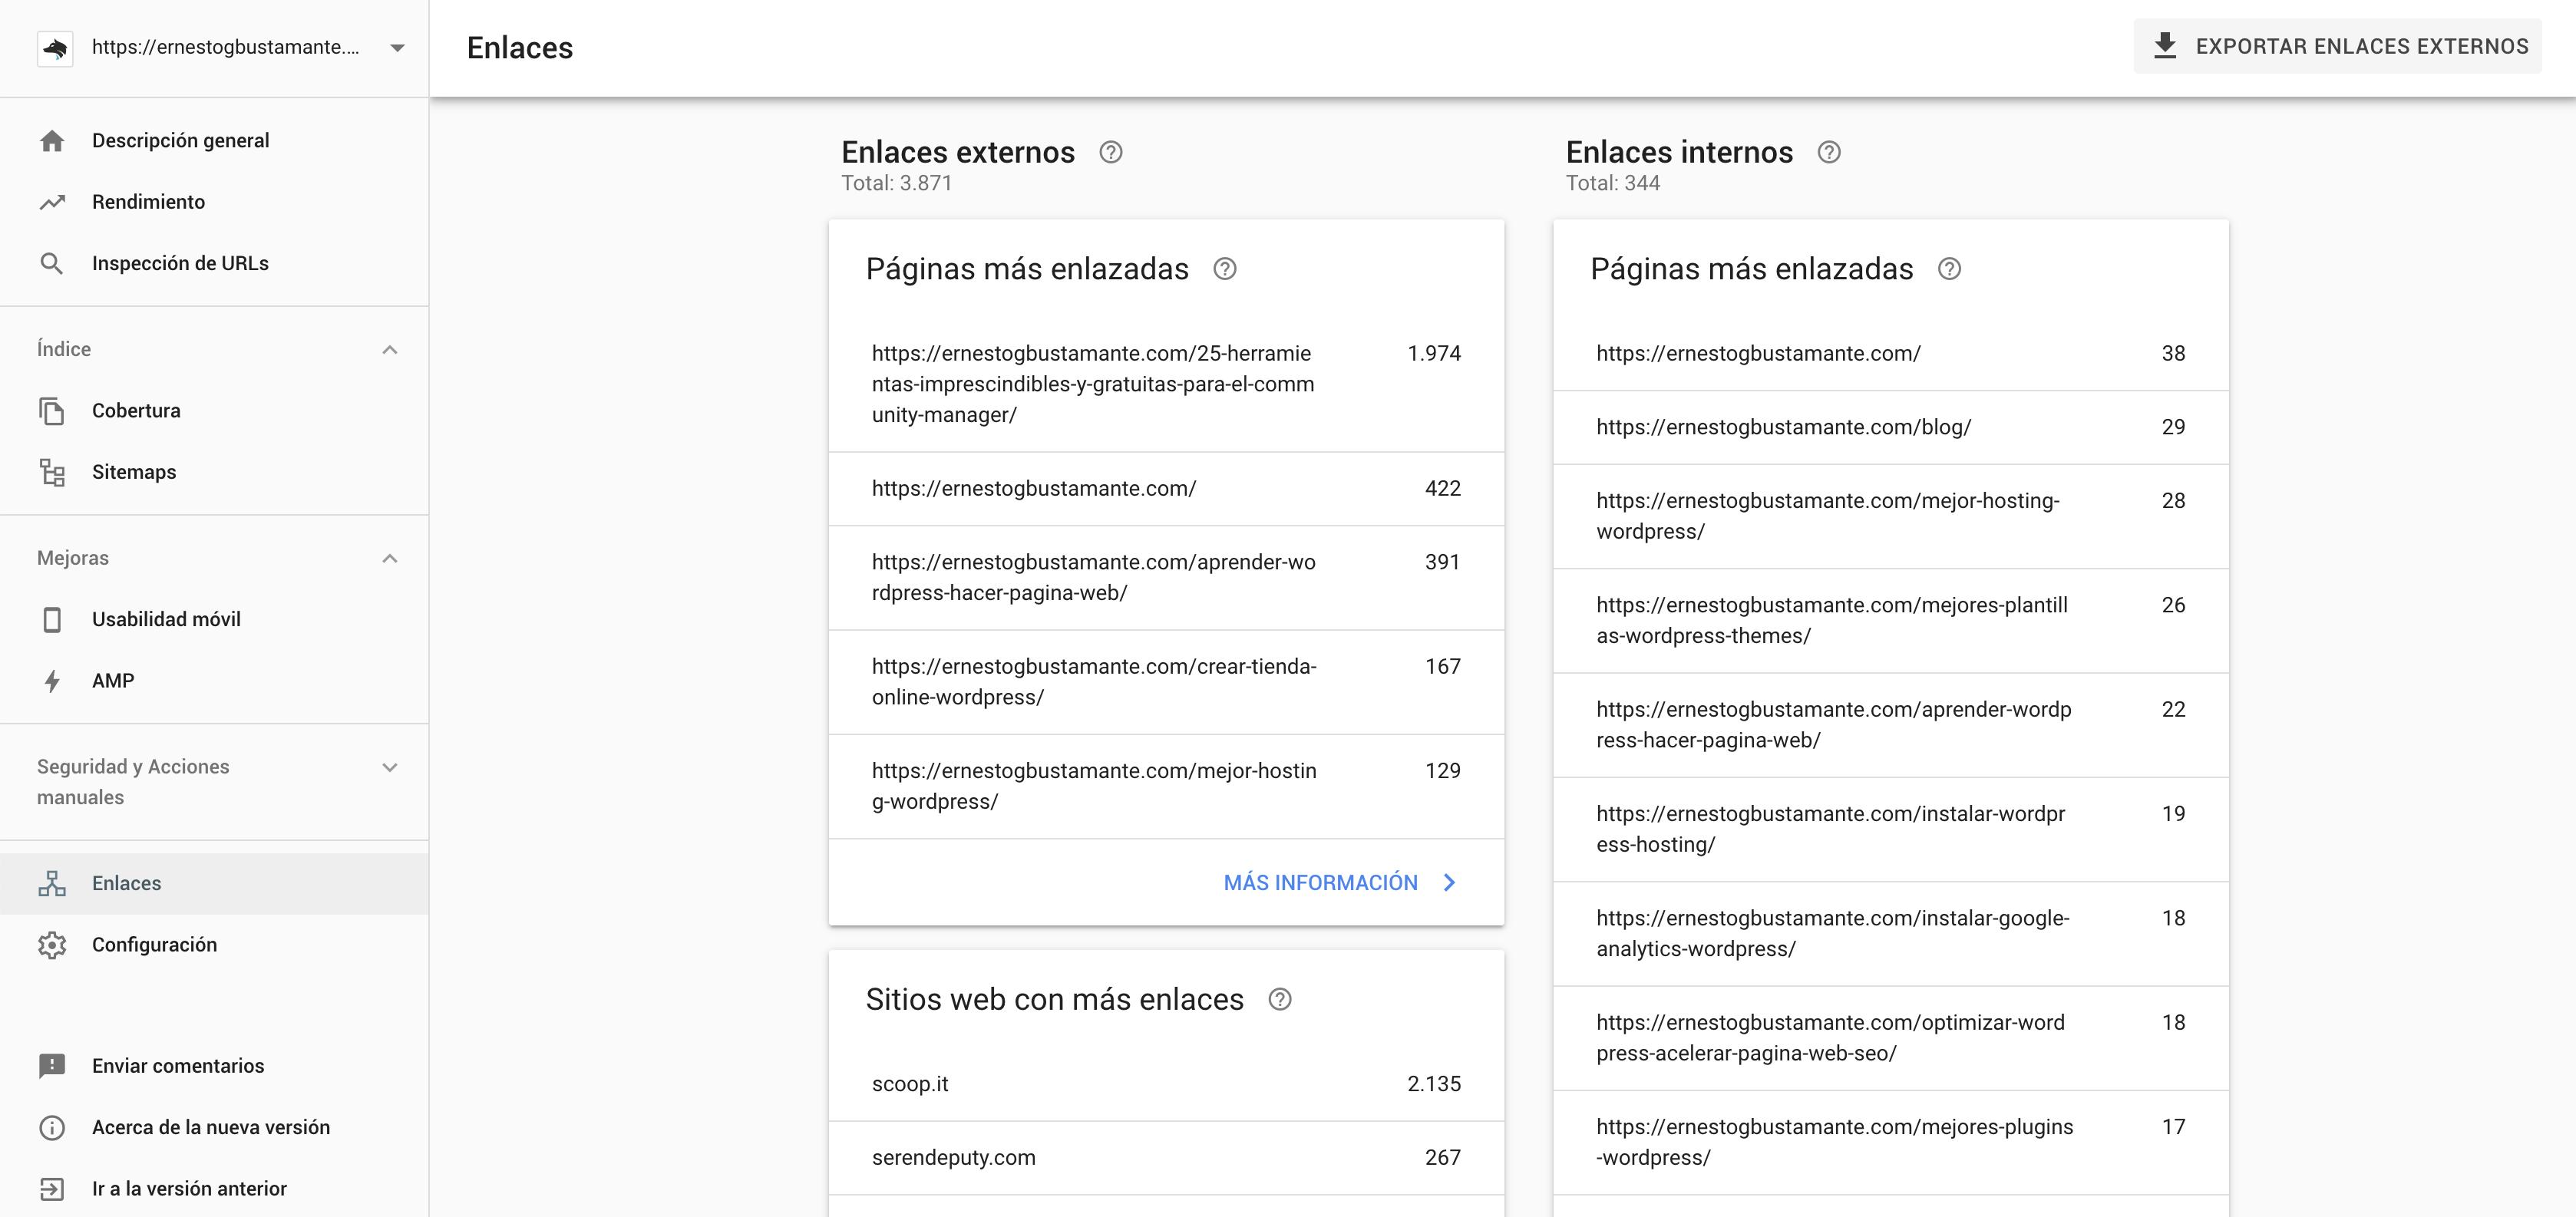 Informe de enlaces - Nueva Google Search Console